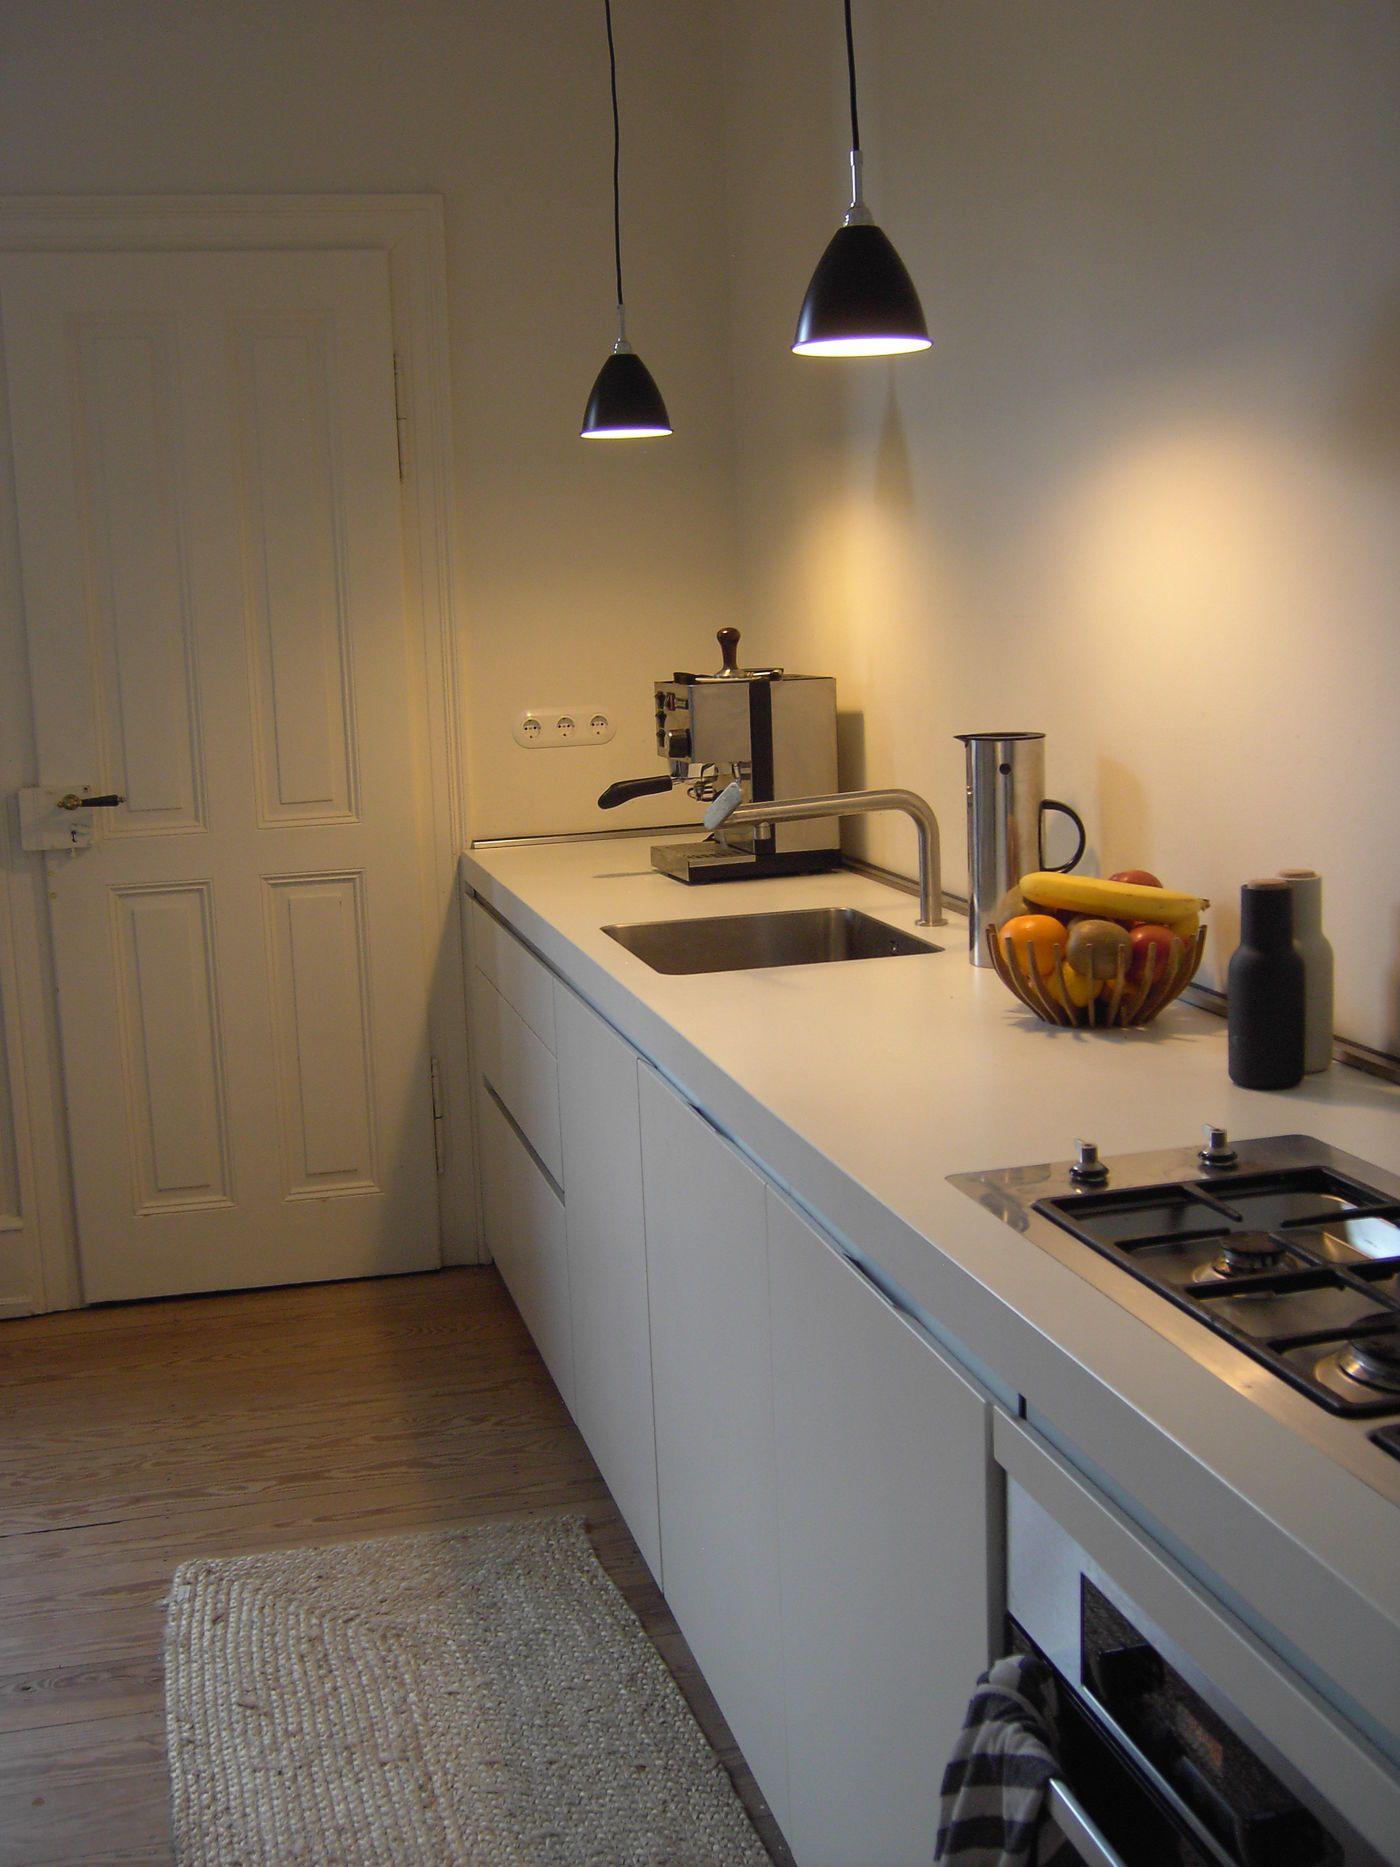 Full Size of Küchenlampen Ideen Und Inspirationen Fr Kchenlampen Wohnzimmer Küchenlampen